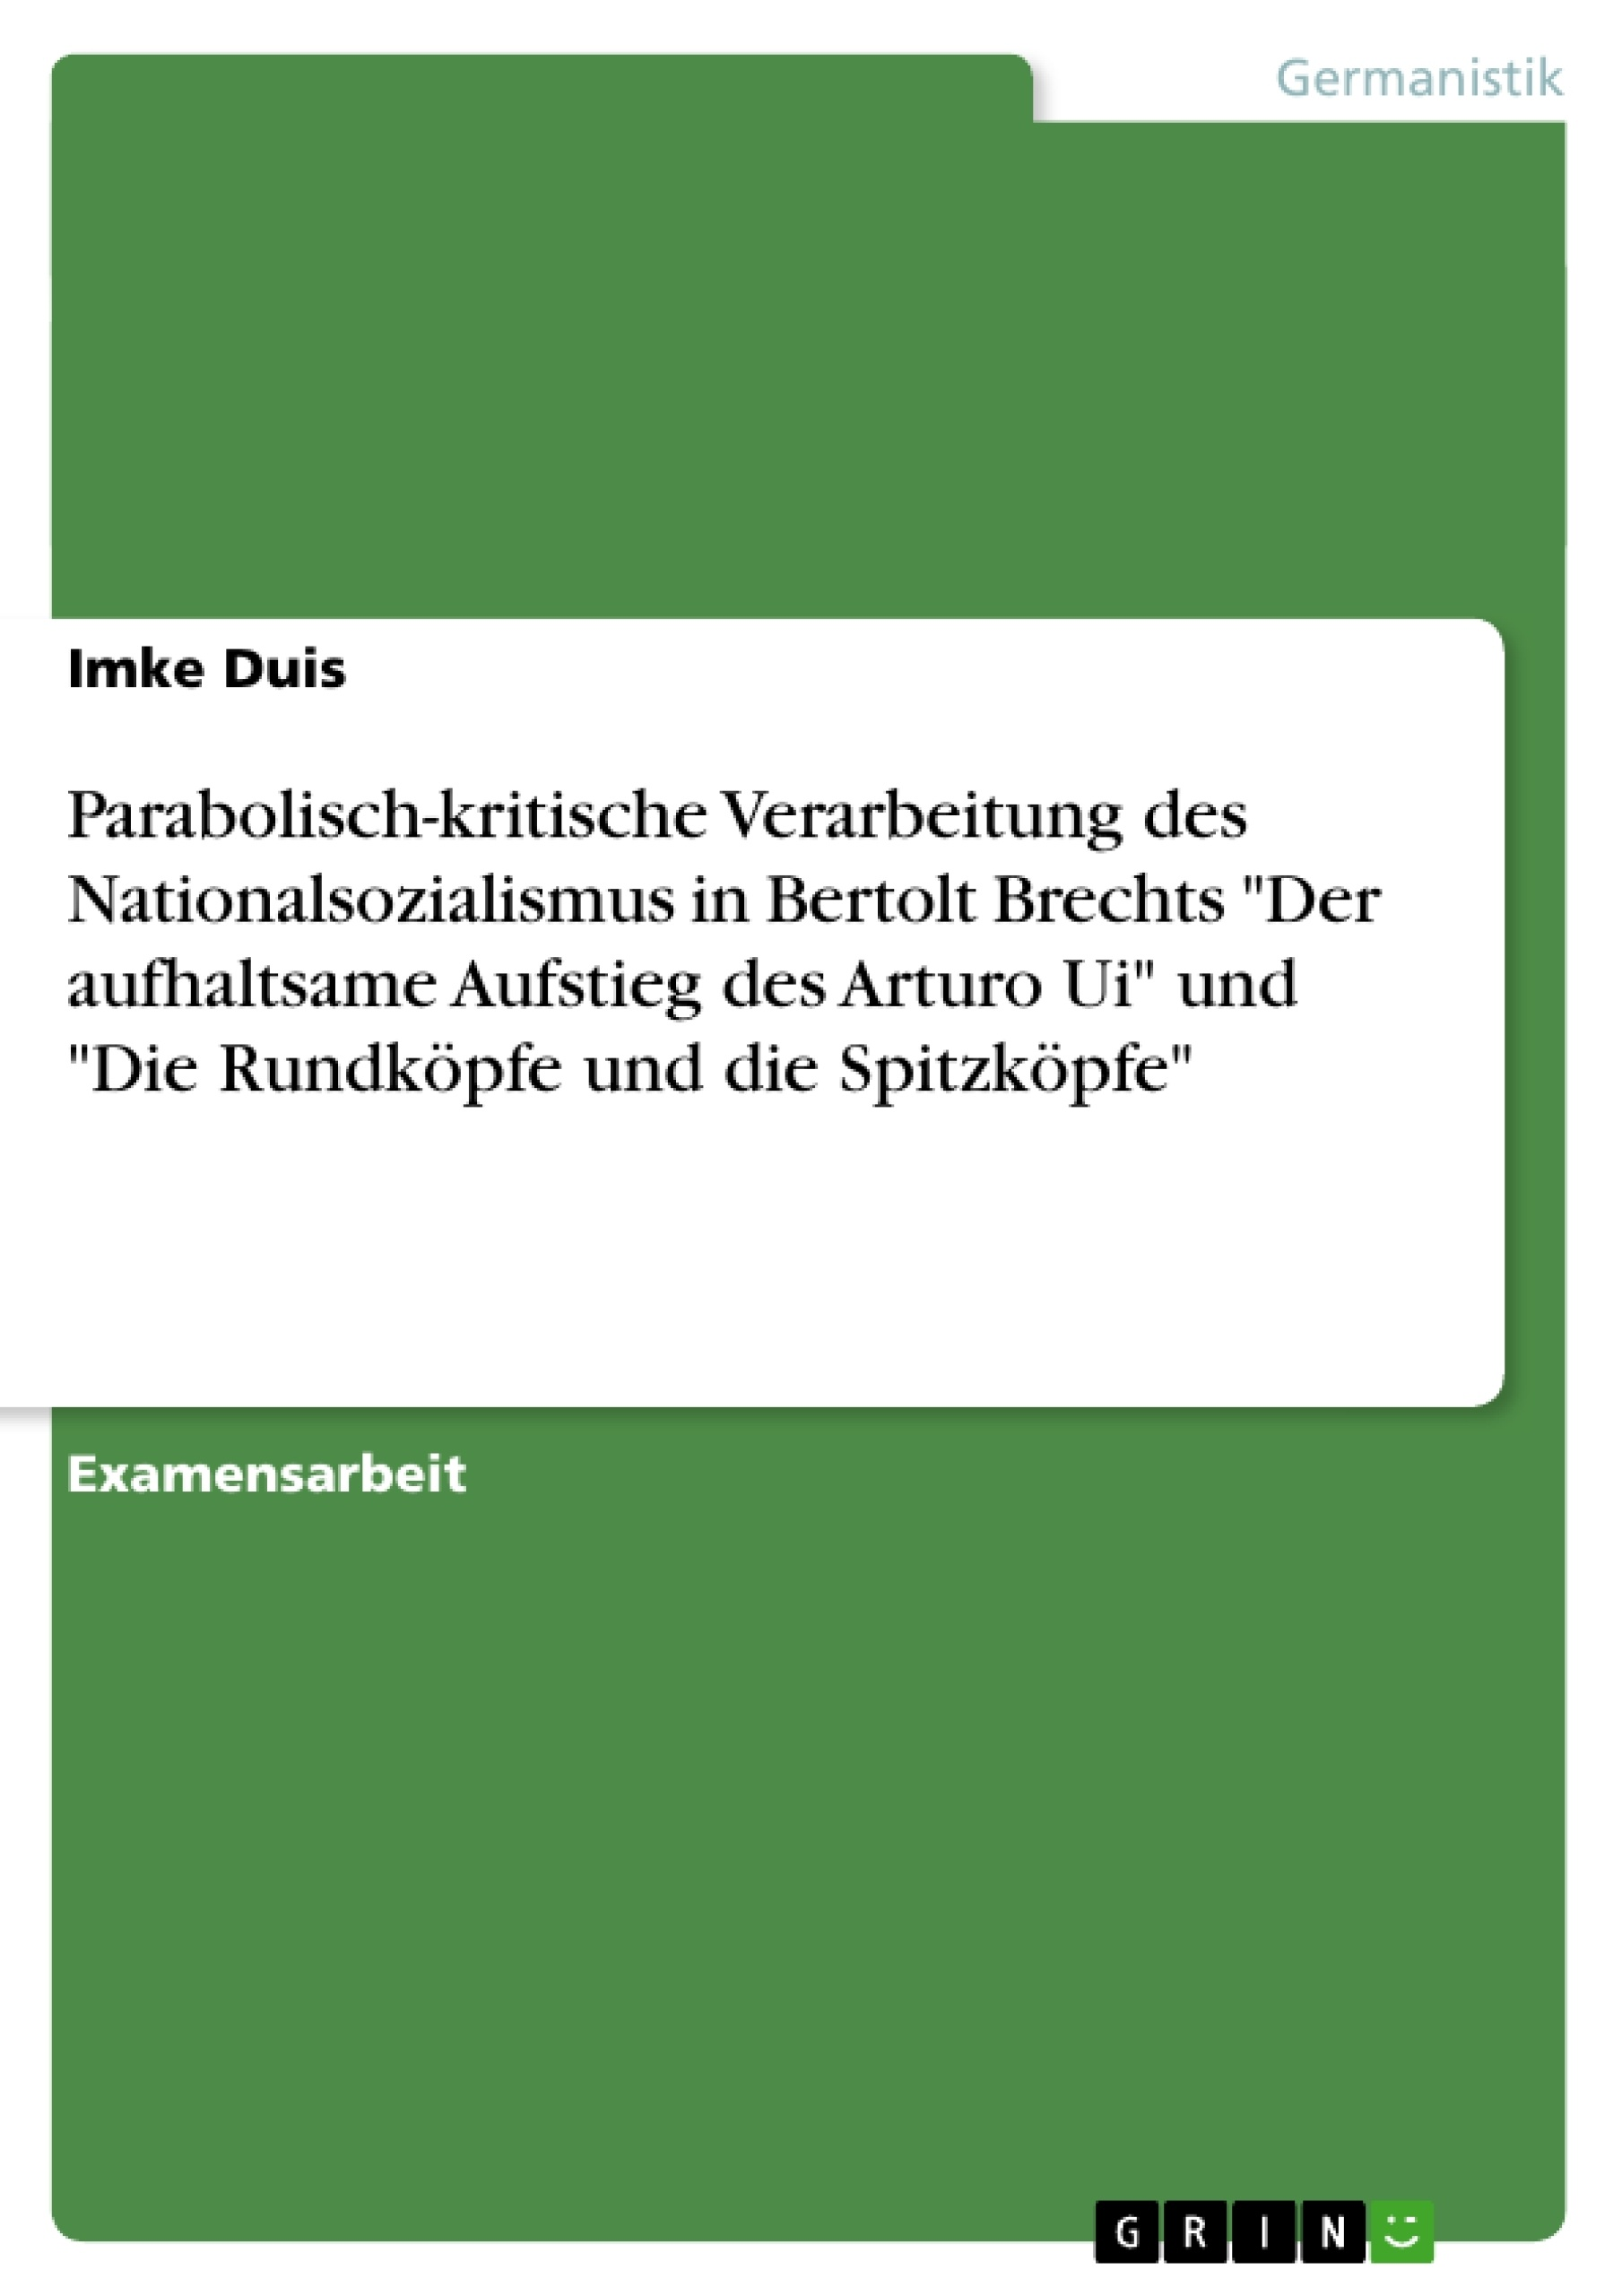 """Titel: Parabolisch-kritische Verarbeitung des Nationalsozialismus in Bertolt Brechts """"Der aufhaltsame Aufstieg des Arturo Ui"""" und """"Die Rundköpfe und die Spitzköpfe"""""""